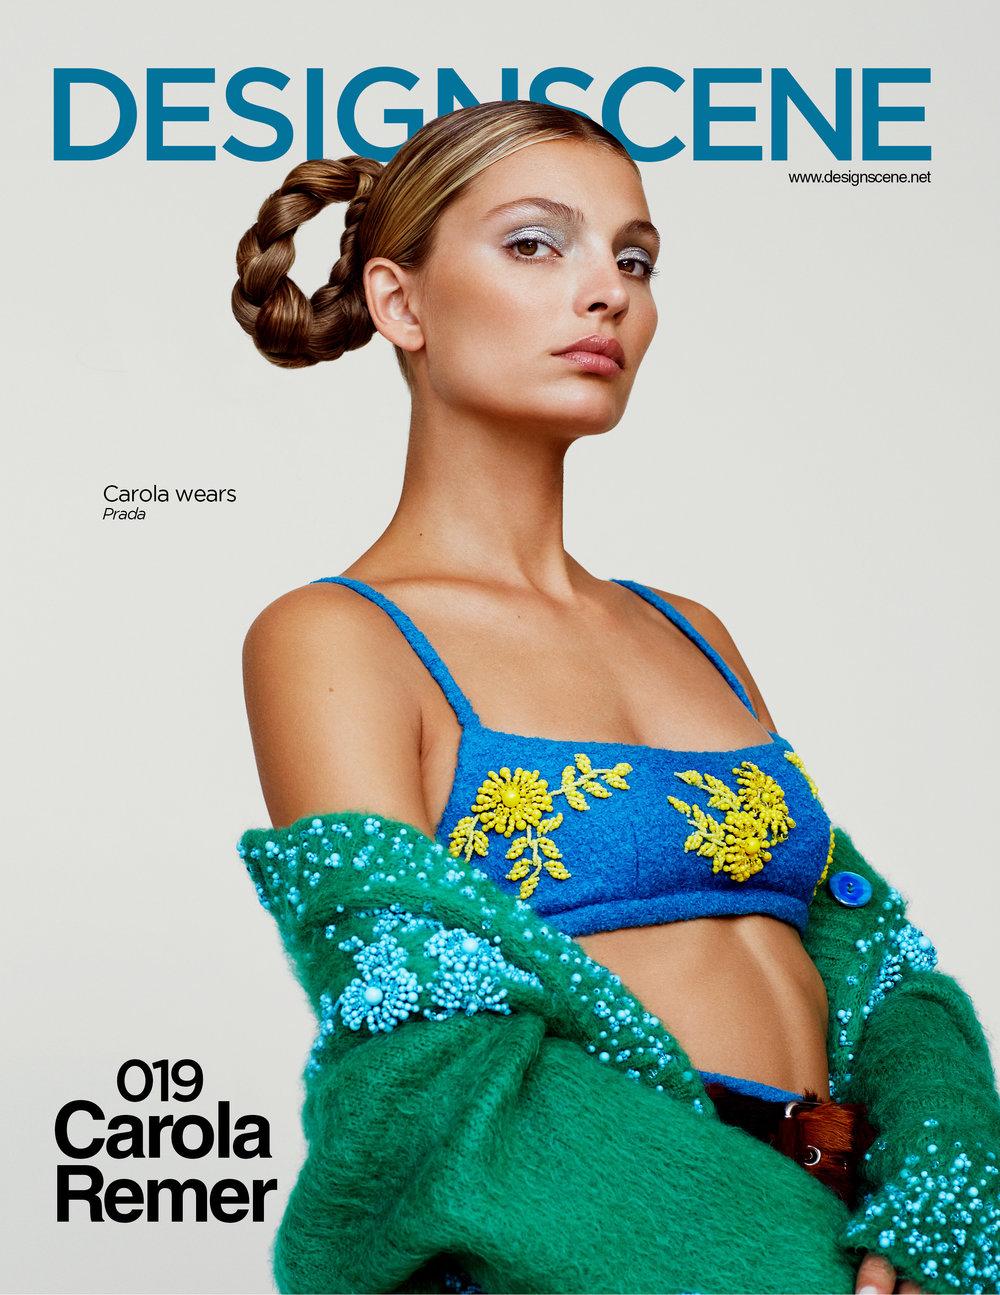 Cover - Design Scene - 24.10.17.jpg